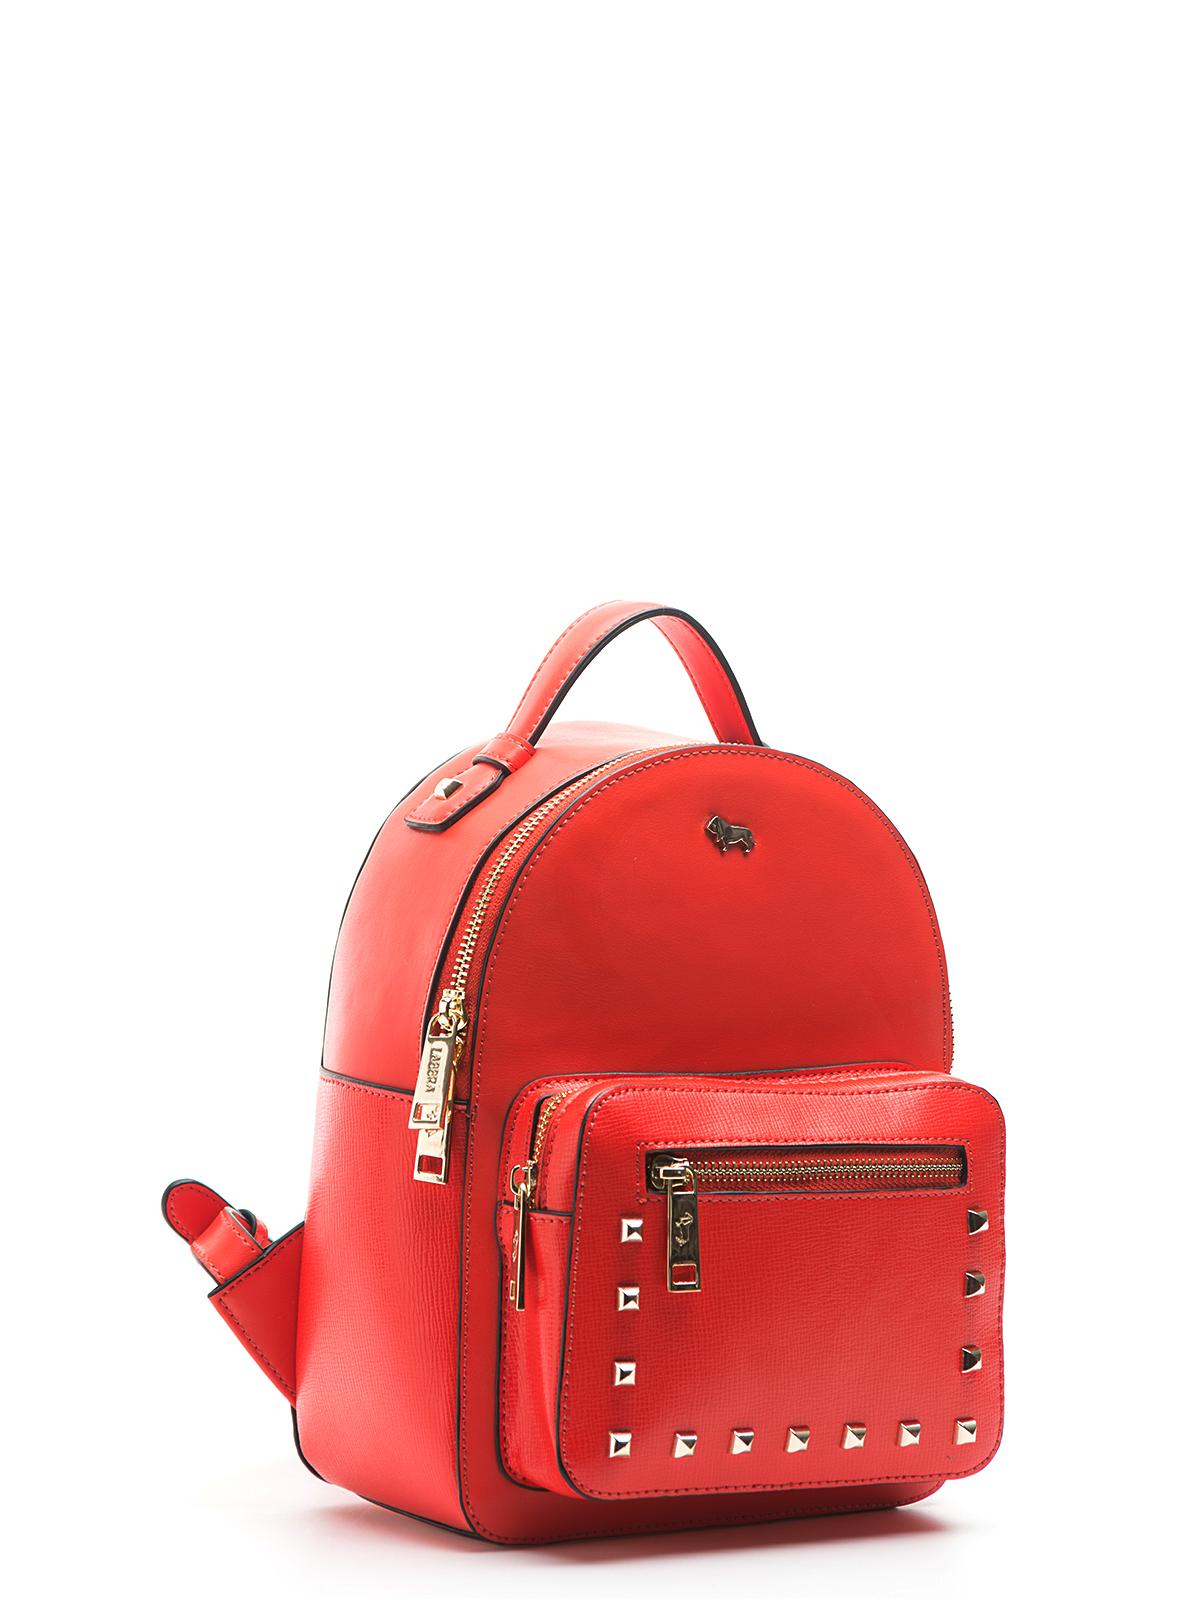 Рюкзак из кожи красного цвета с заклепками, Красный